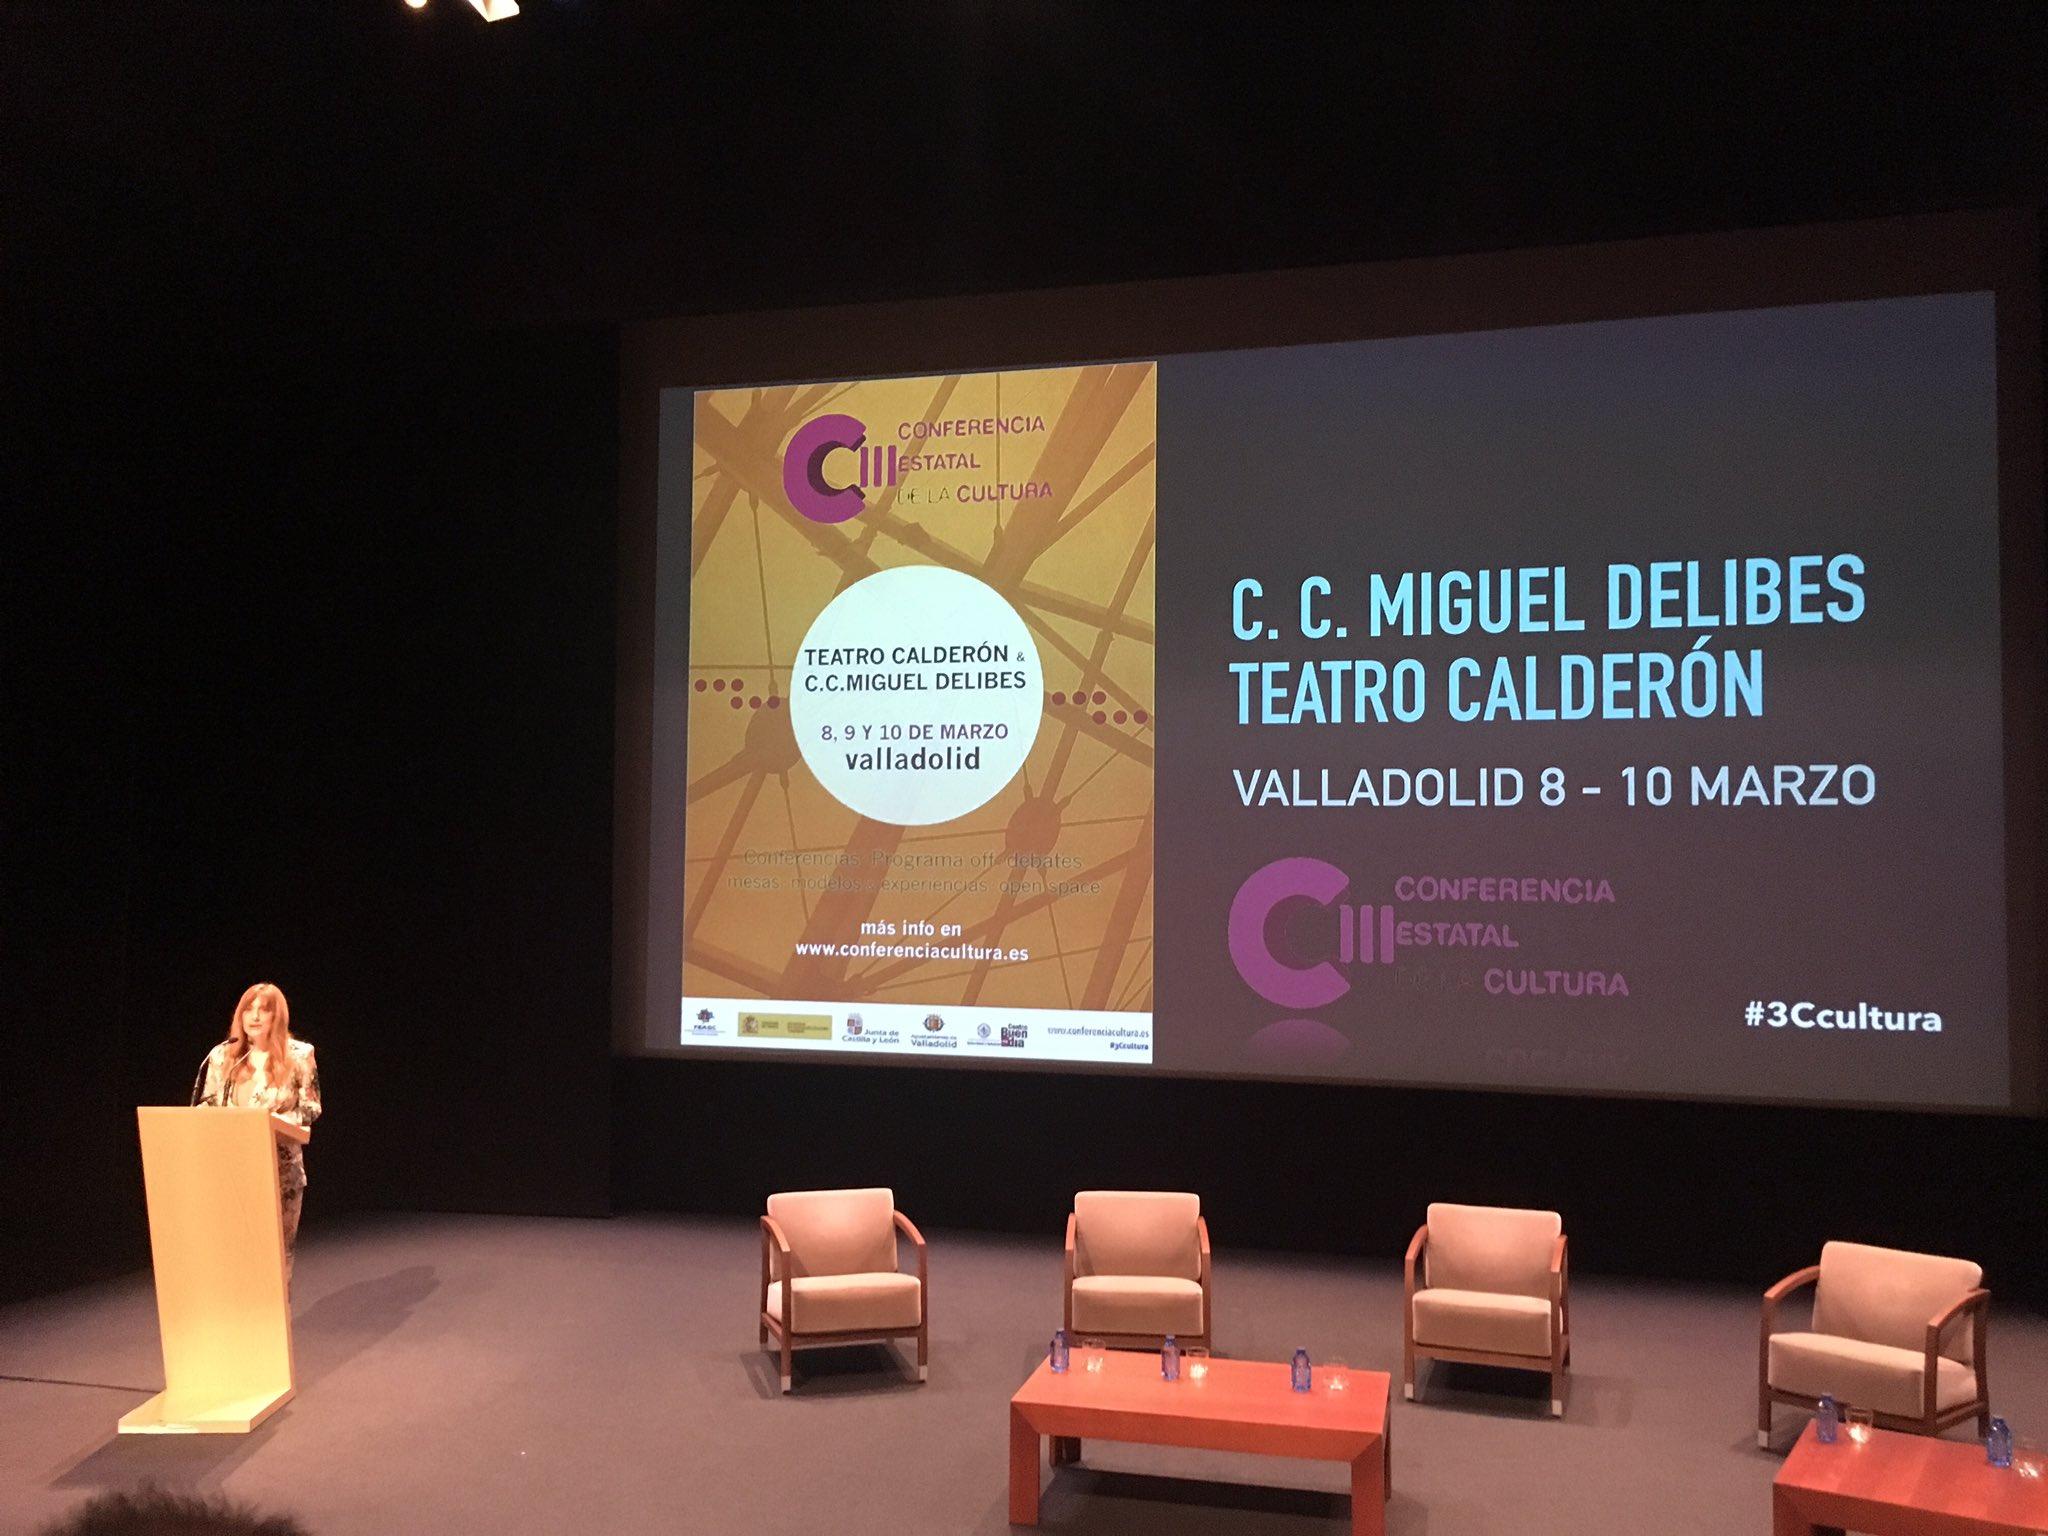 """""""La cultura es la principal herramienta para la integración de todos"""" Arrancamos en #3cCultura @GesCulCyL https://t.co/YwRqa5u4sT"""